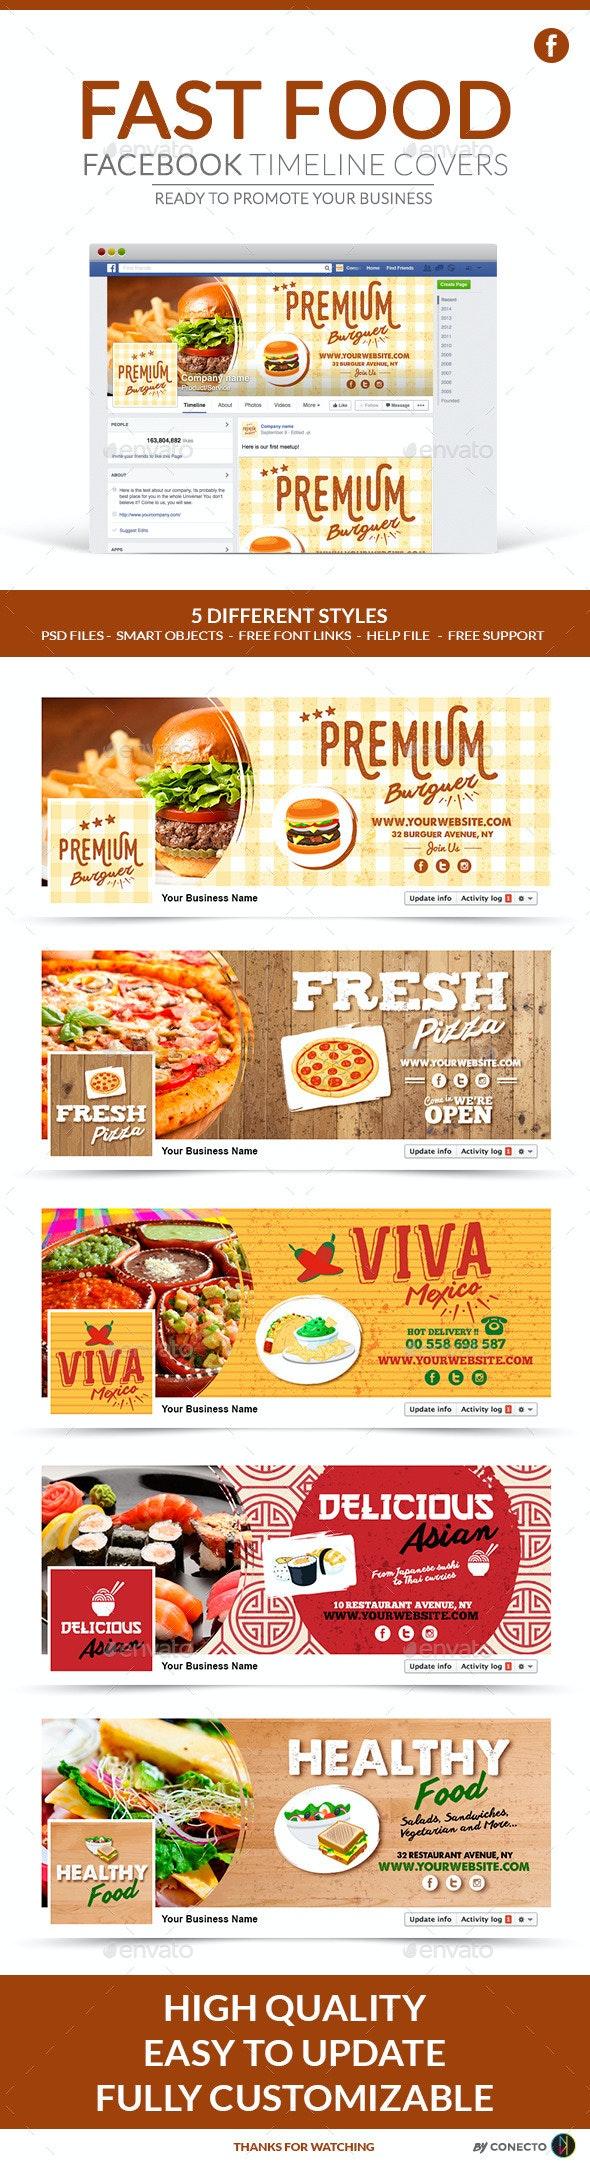 Facebook Timeline Covers - Fast Food - Facebook Timeline Covers Social Media